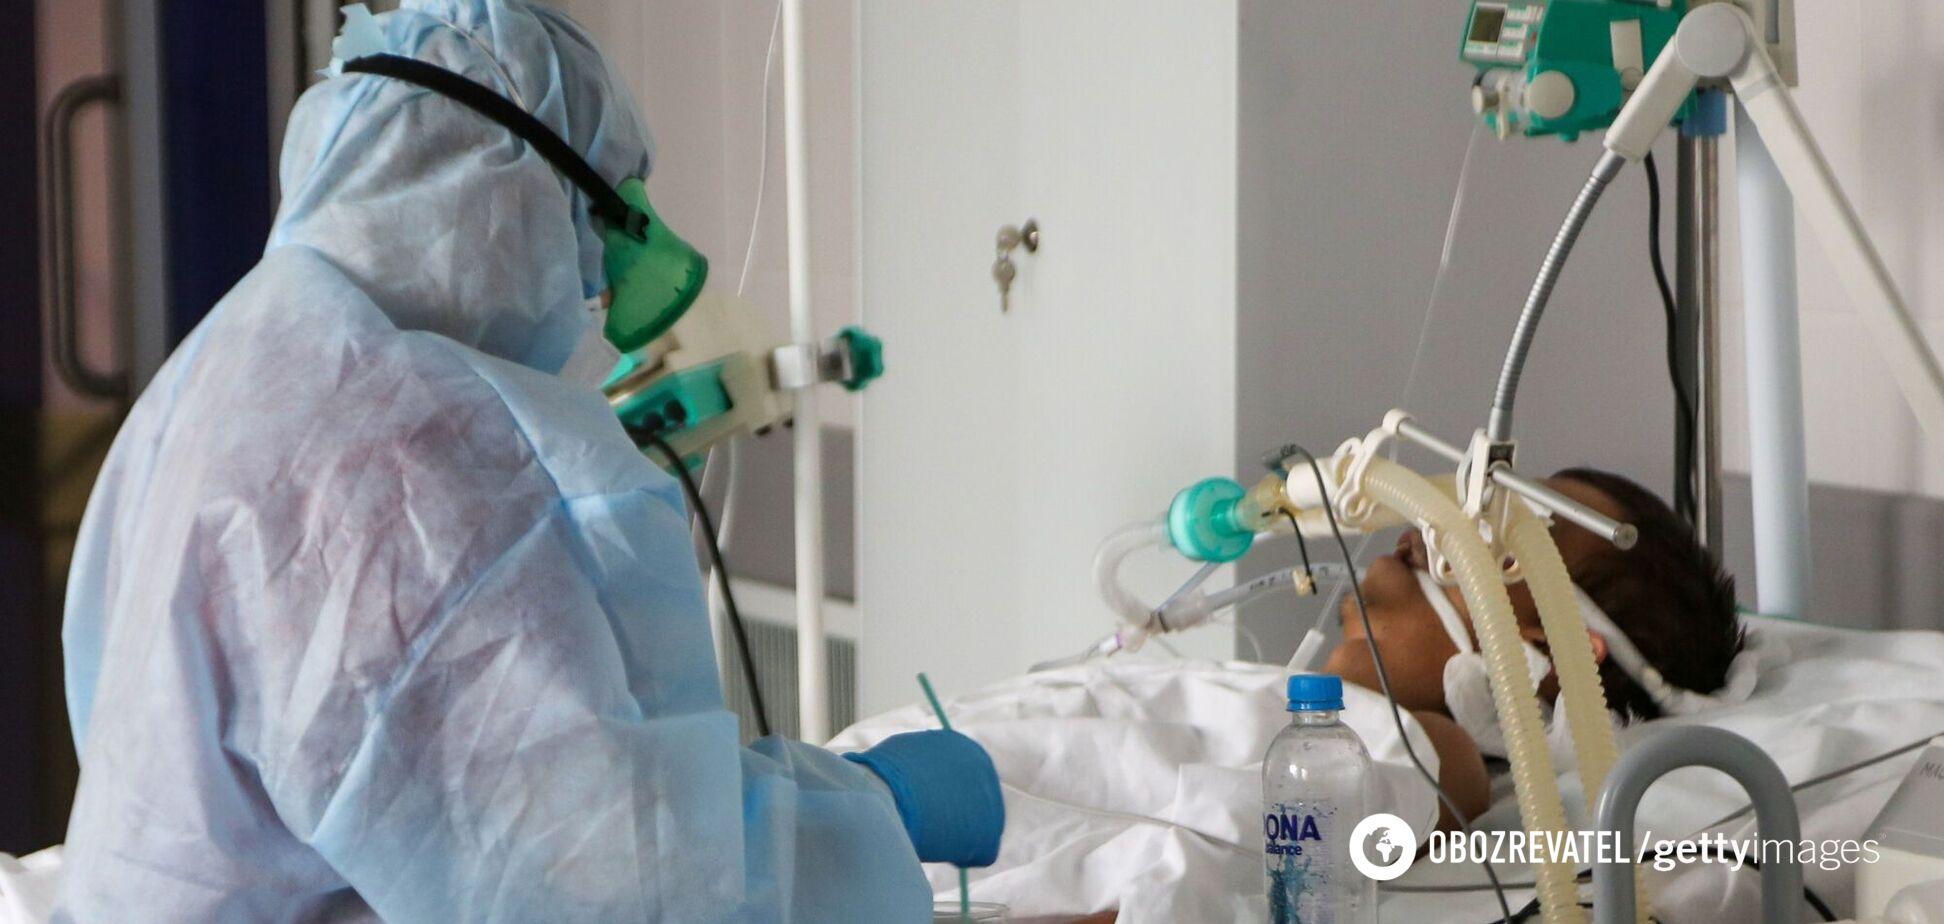 Лікар розповів, що відбувається з важкими COVID-пацієнтами: синіють губи та руки, починається паніка